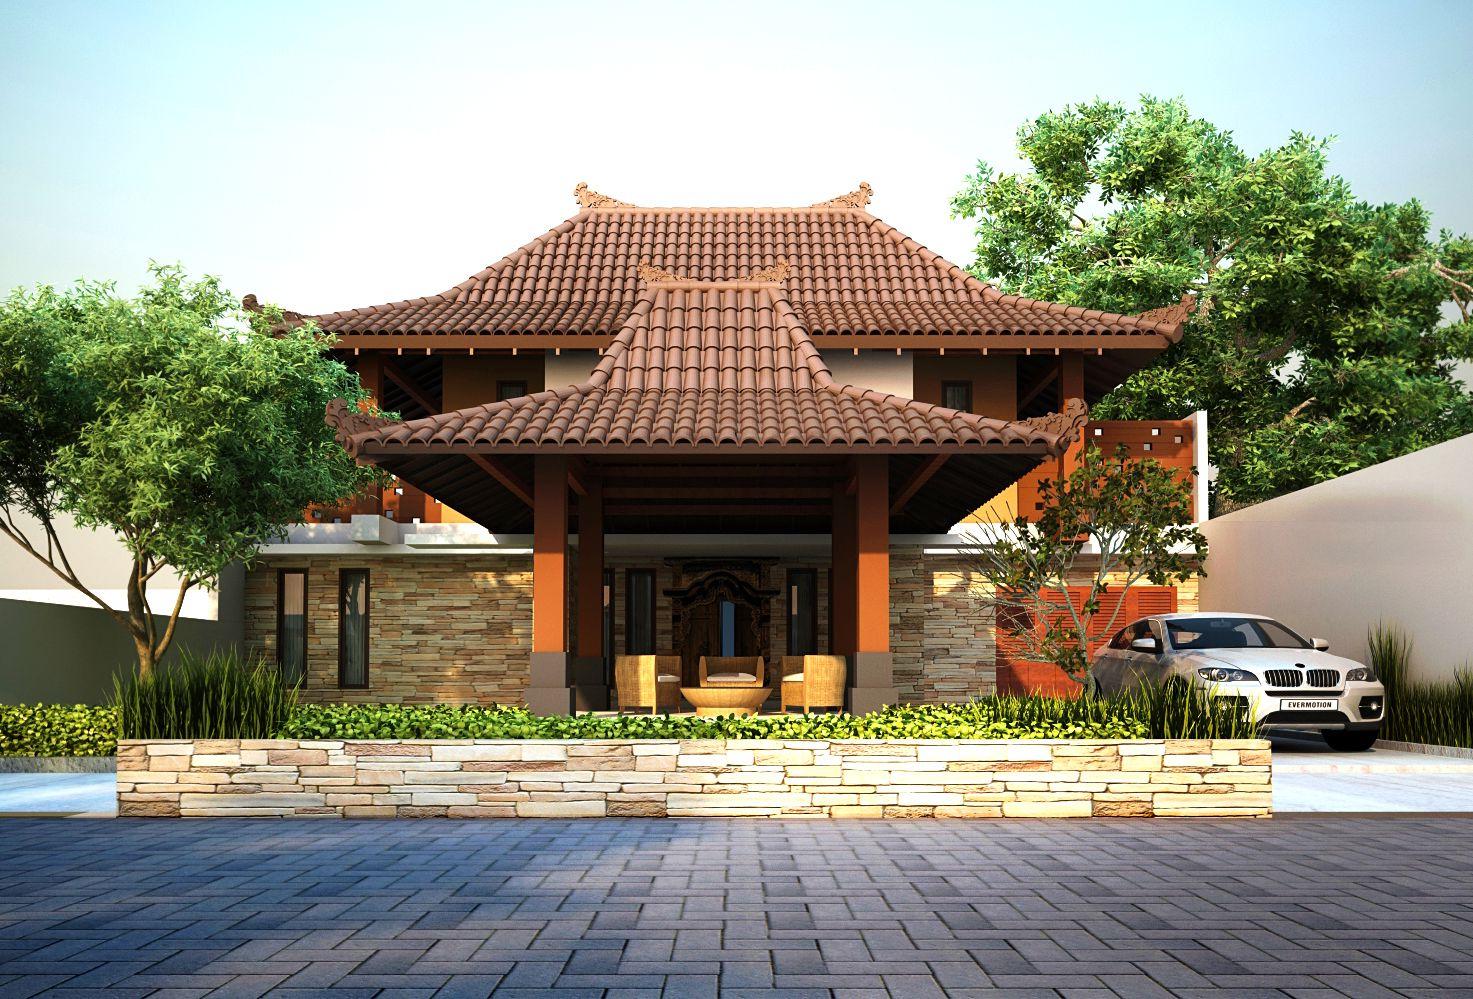 Desain Rumah Joglo 14 Traditional Javanese House JOGLO